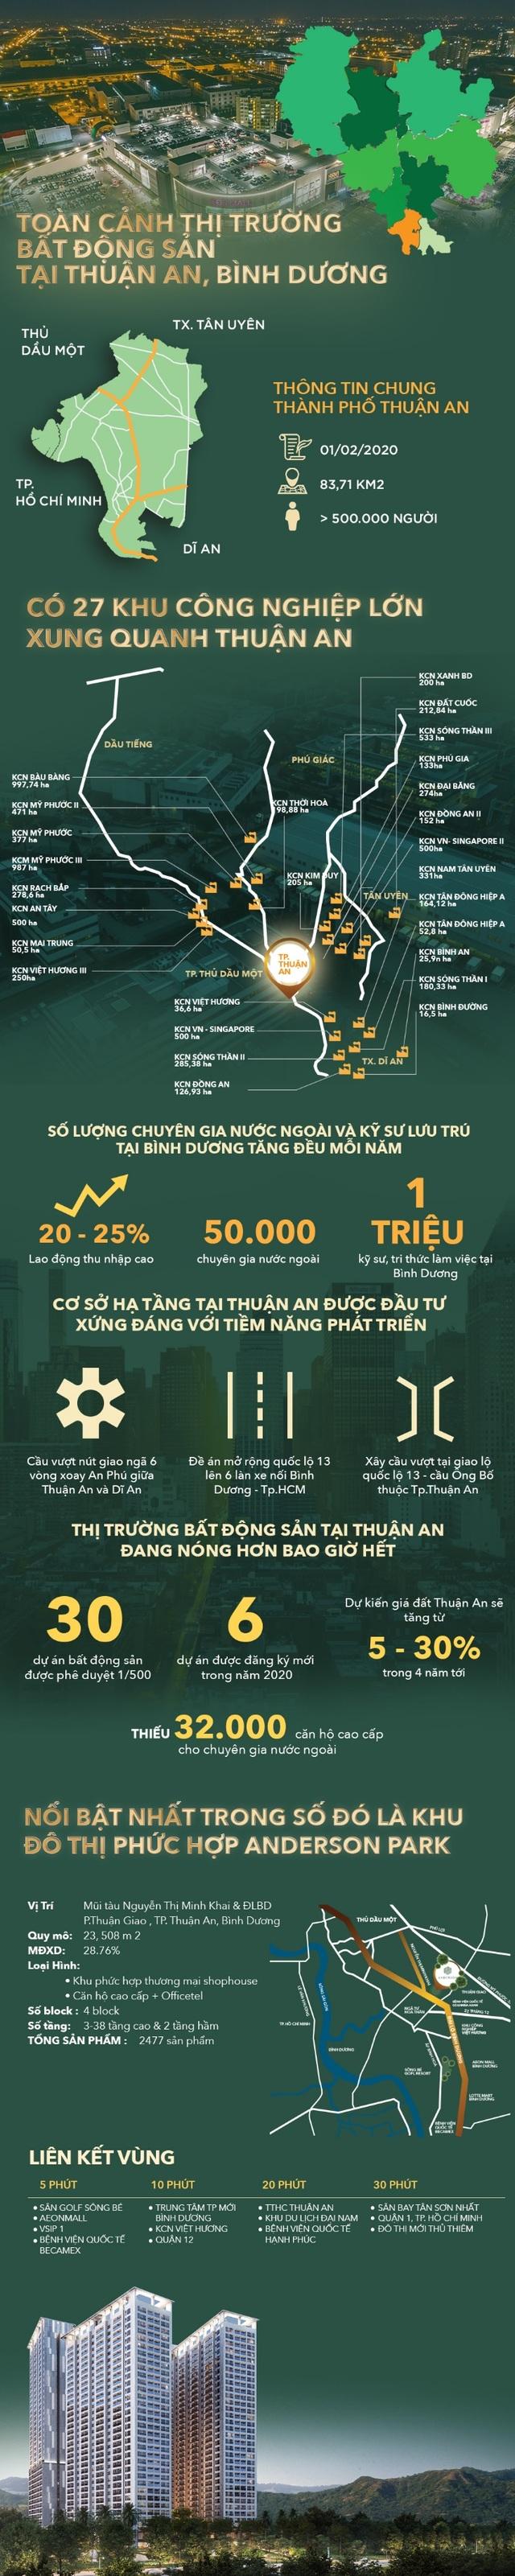 Toàn cảnh bất động sản Thuận An, Bình Dương - 1